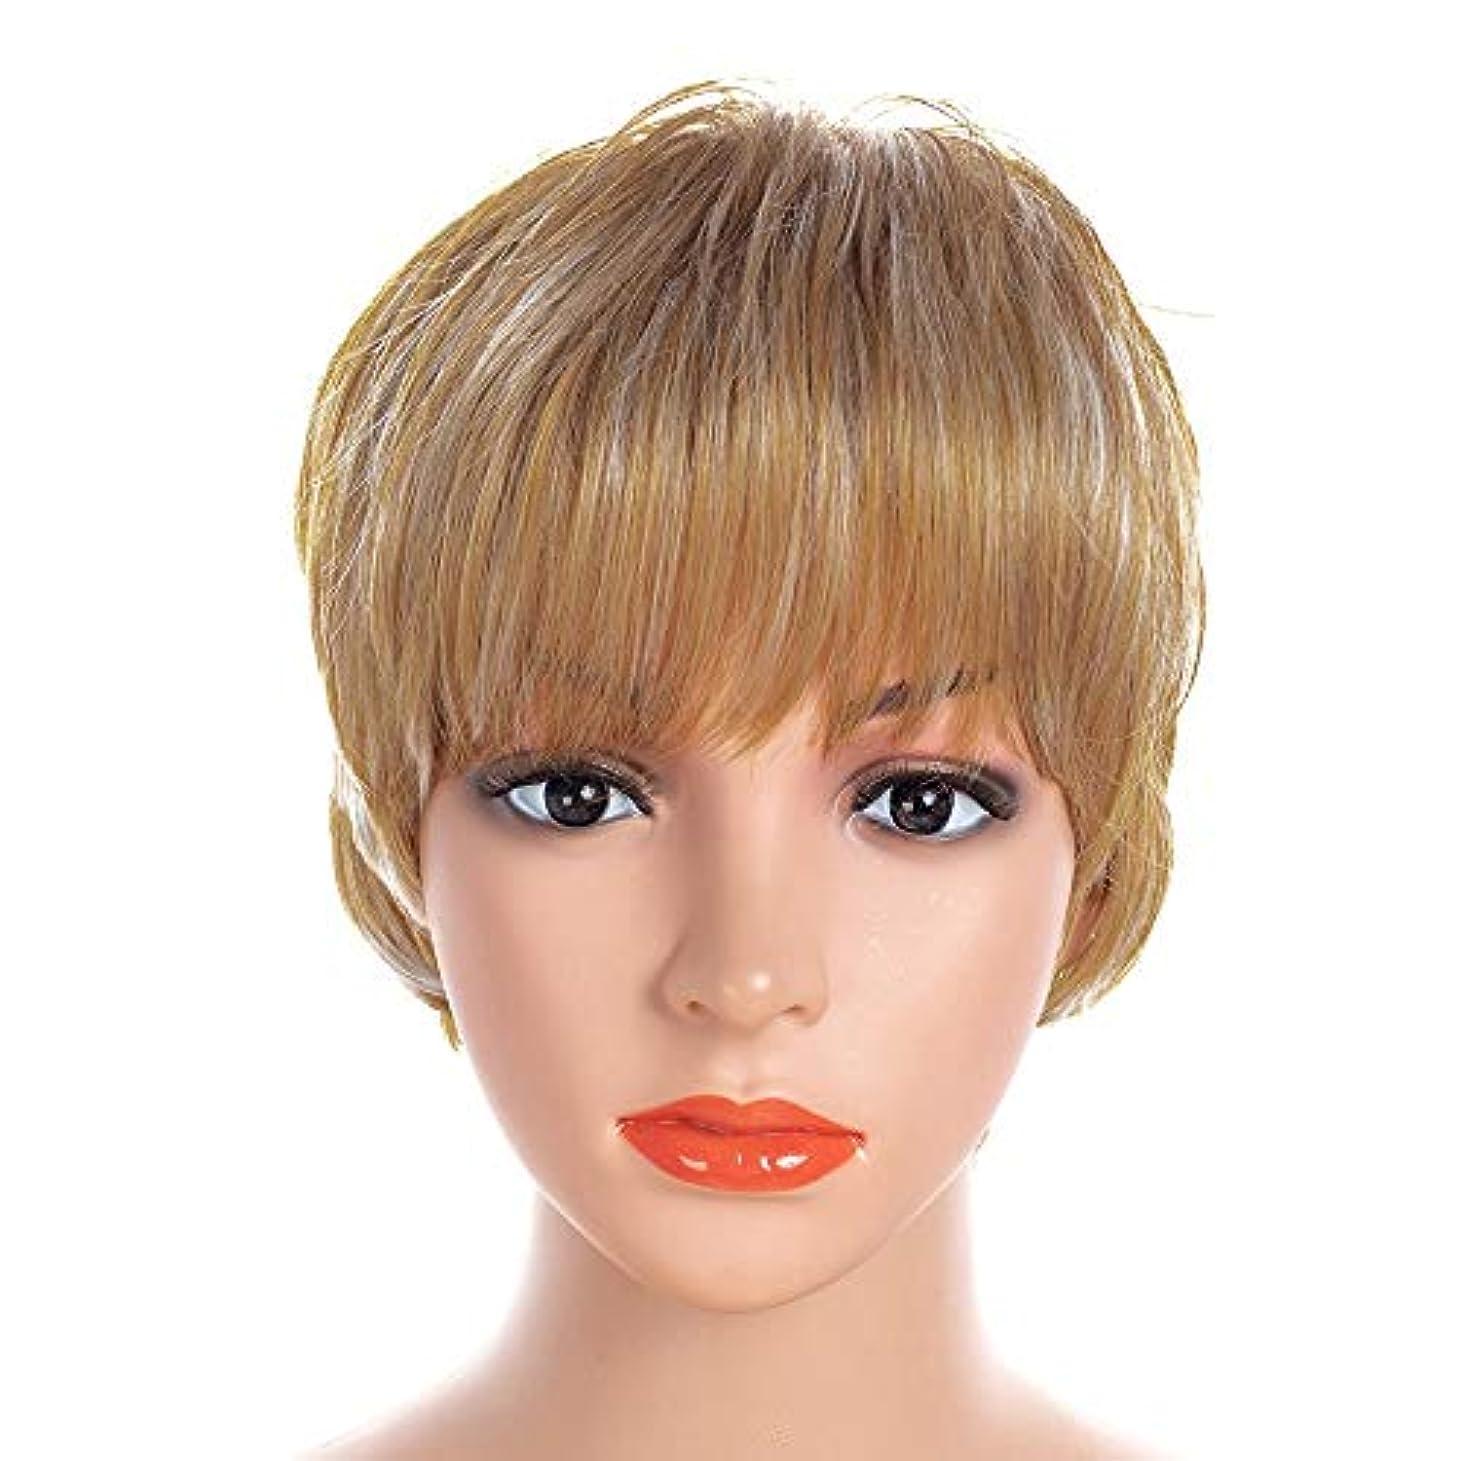 毛皮プロフェッショナル叙情的なWASAIO 交換用コスパリーパーティーヘア用の上流階級ボブスタイルアクセサリーの女性ショートカーリーブロンドかつら (色 : Blonde, サイズ : 30cm)